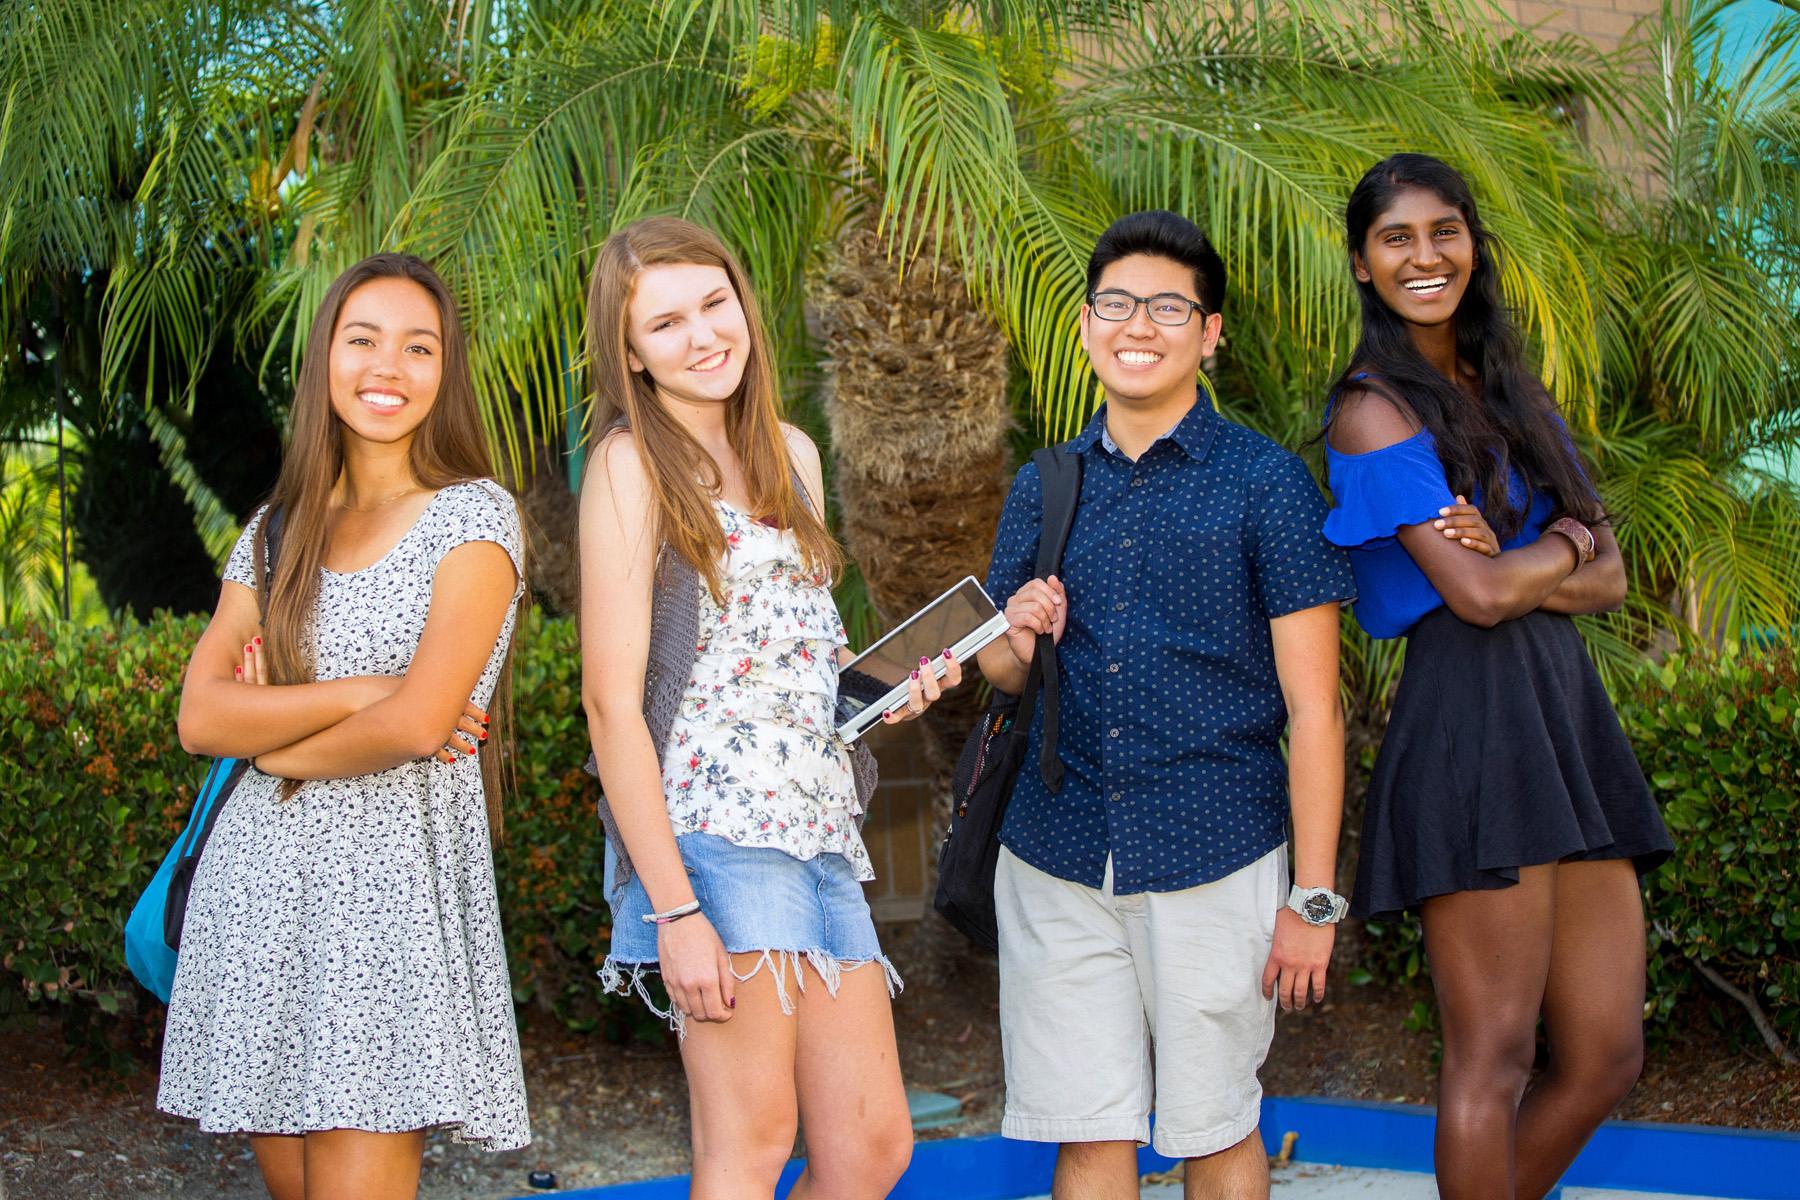 Halstrom High School-Anaheim Hills